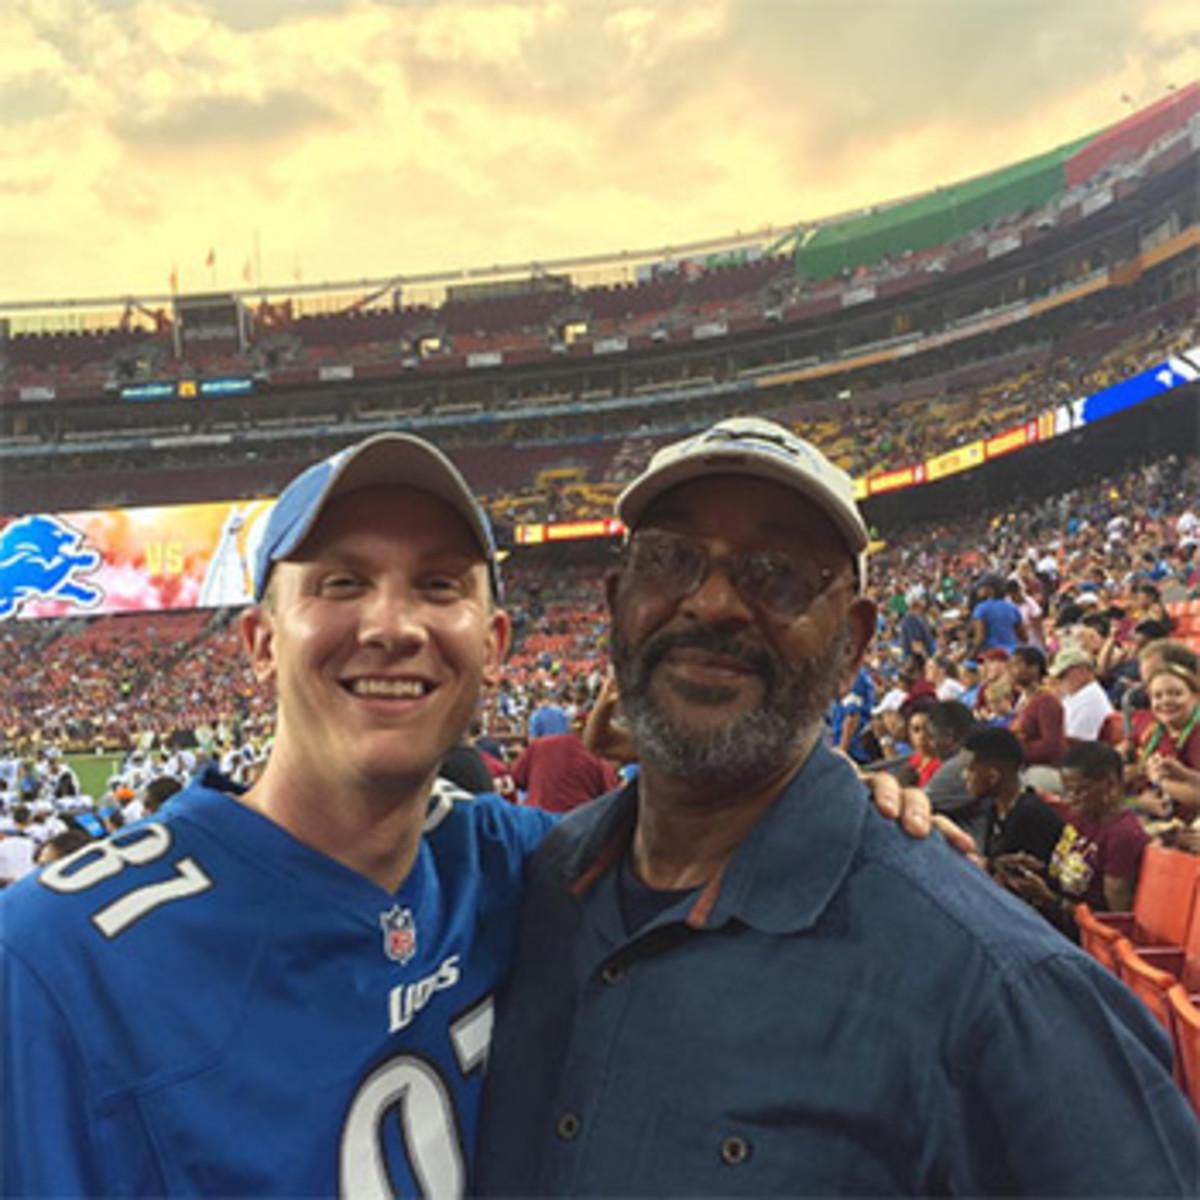 The writer and Calvin Johnson Sr. at Detroit's 2015 preseason game at Washington.